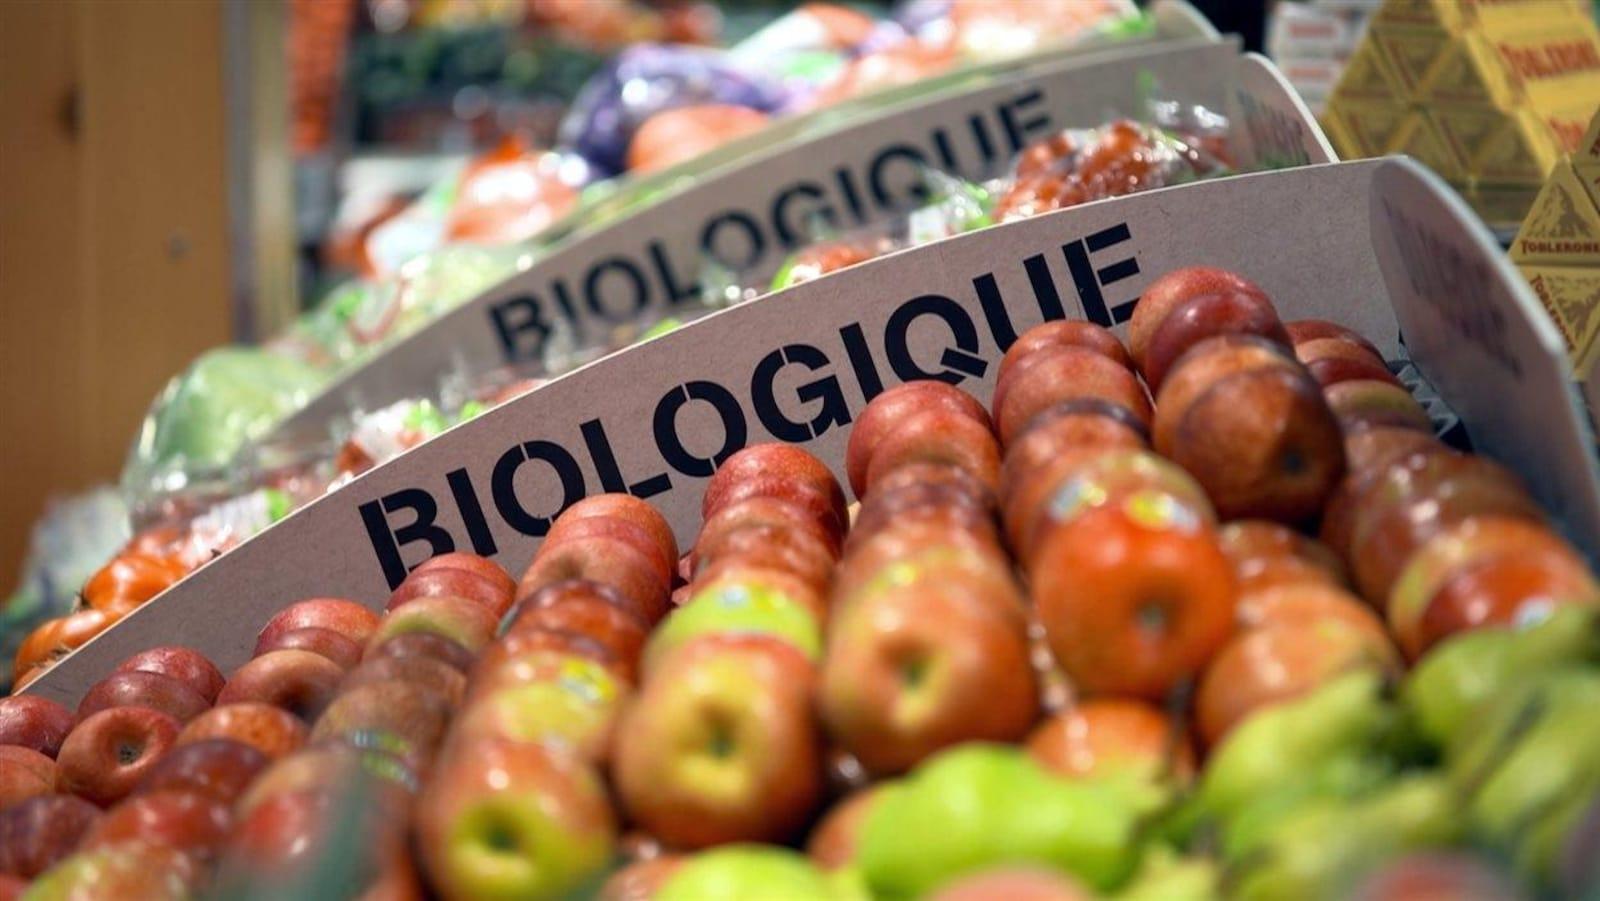 Un étalage de pommes biologiques dans une épicerie.